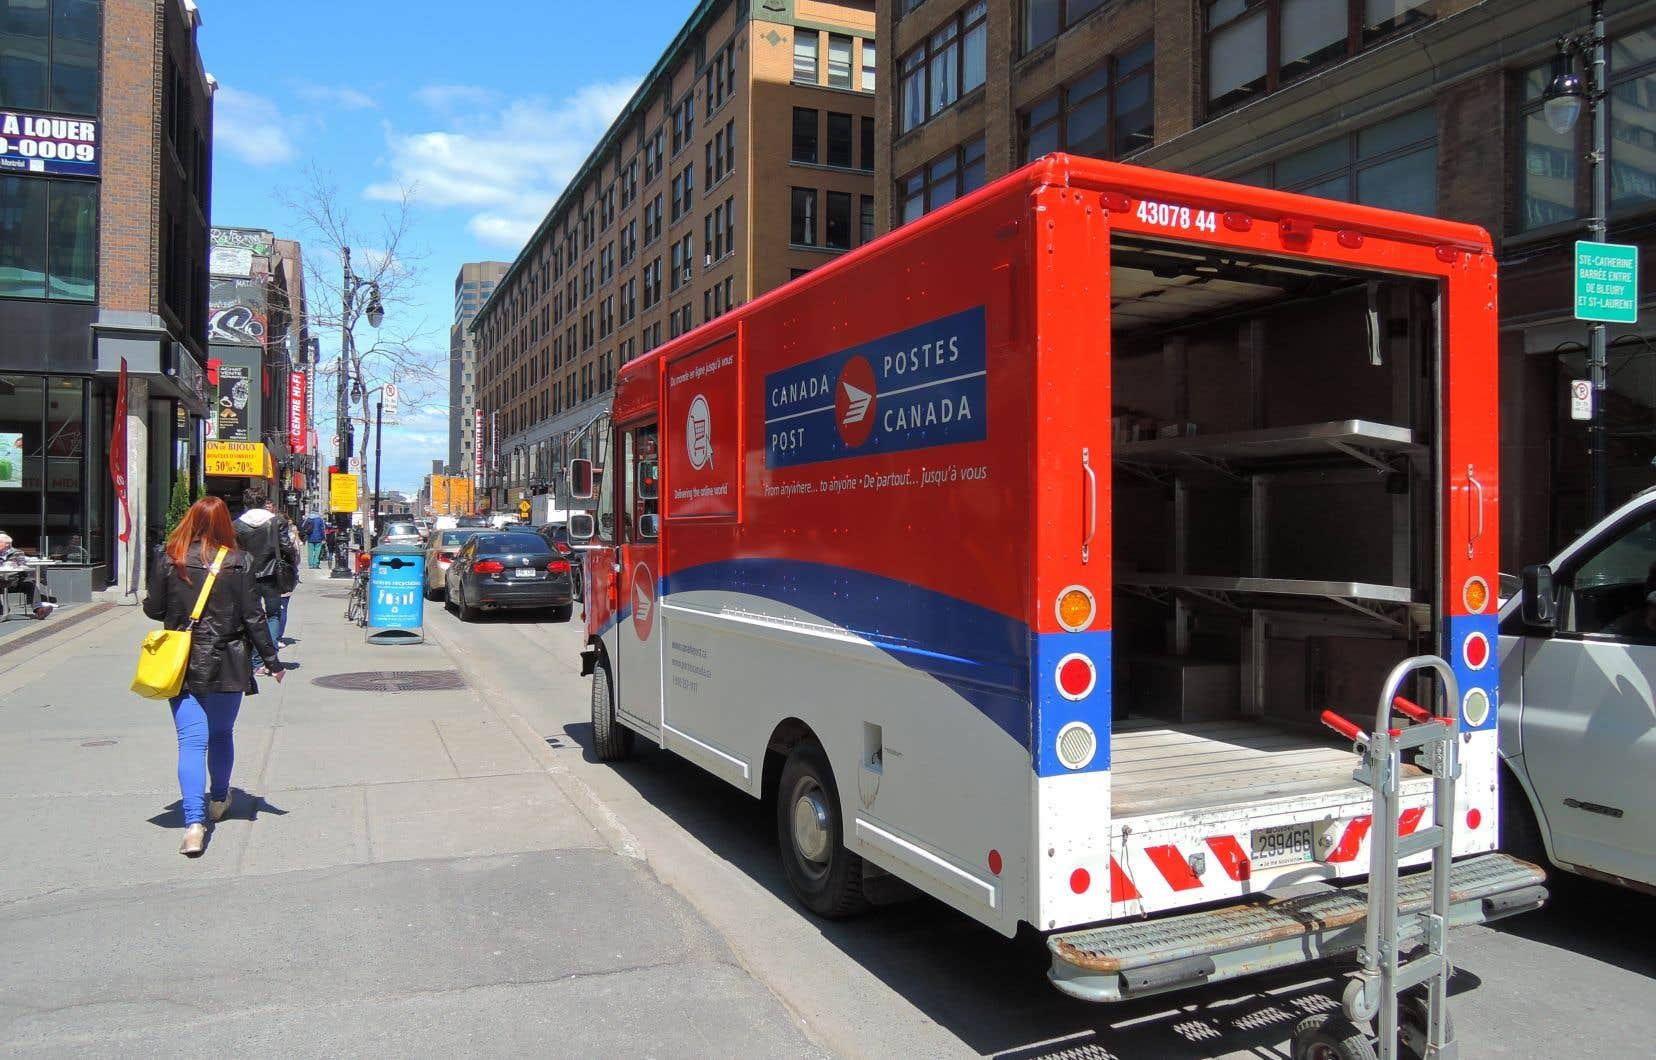 <p>Le service postal affirme avoir livré plus de 1,8million de colis lundi, un volume qui correspond à ceux des jours de livraison les plus occupés de la saison des Fêtes.</p>